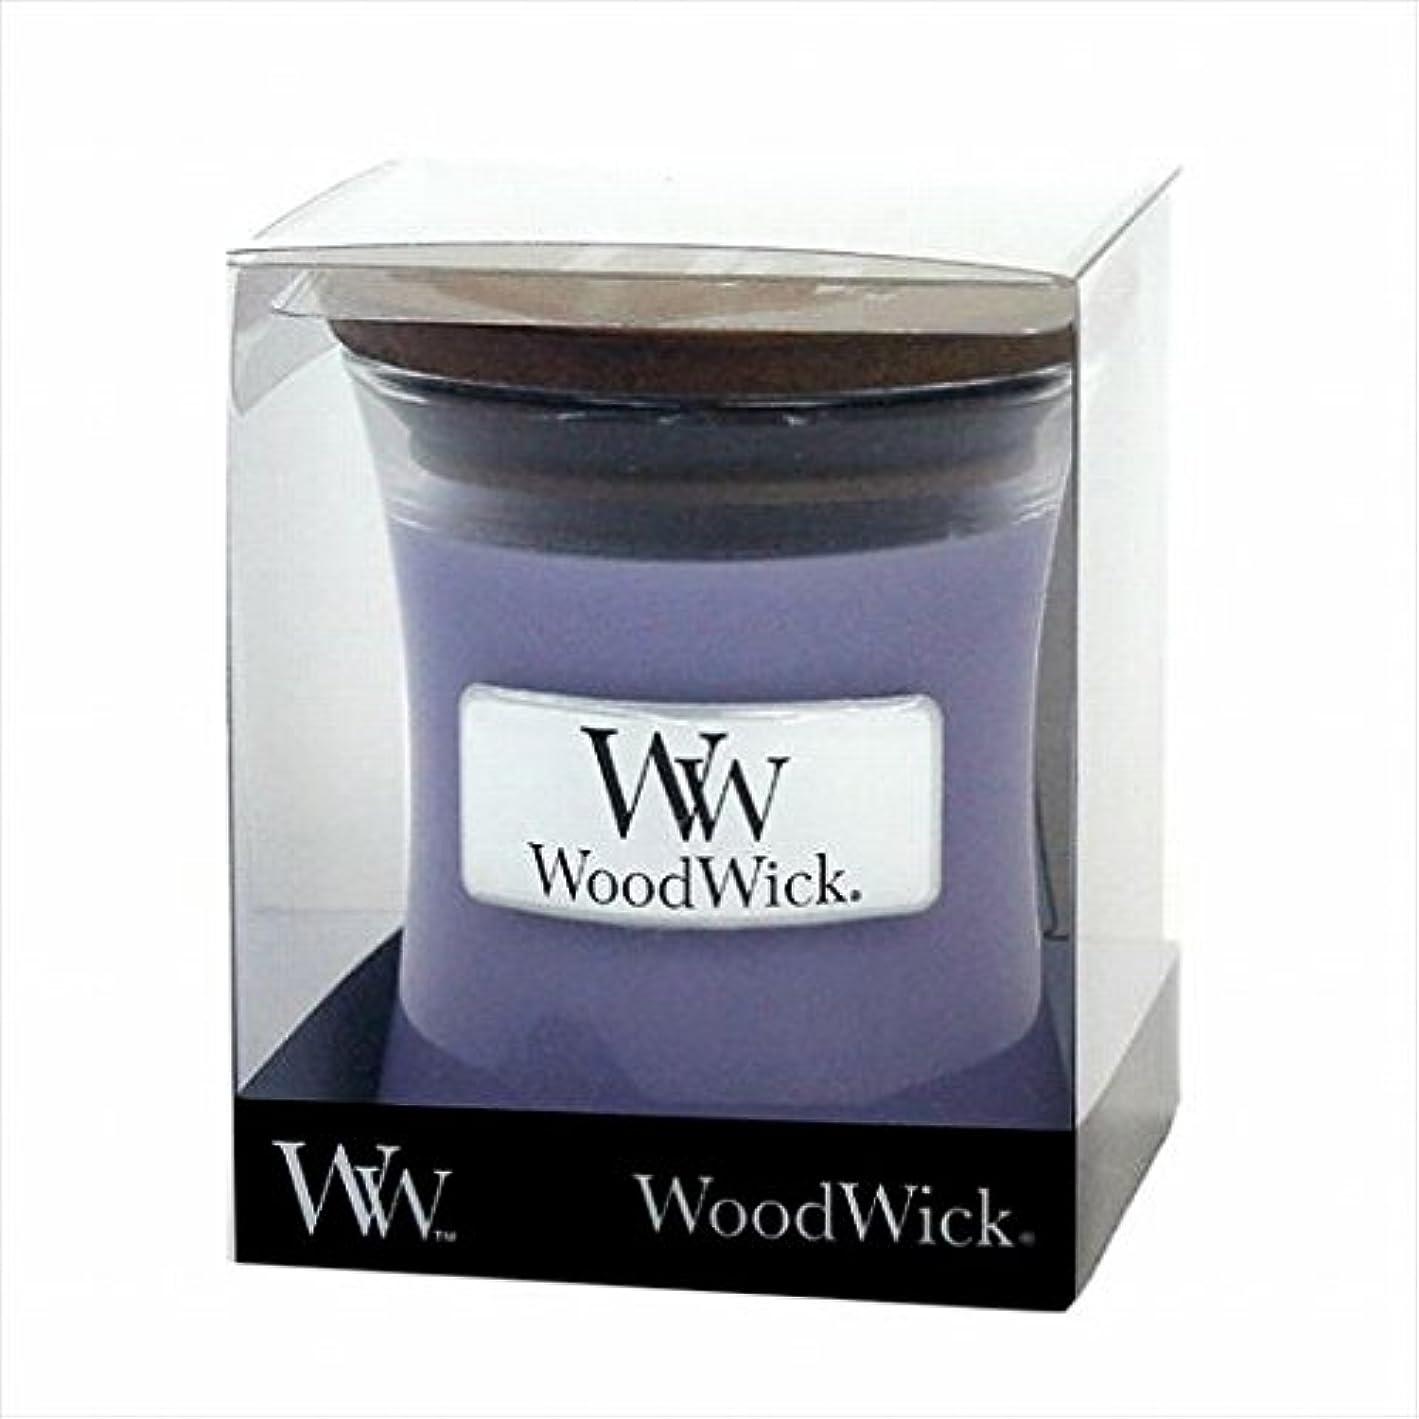 シュガー繁栄する非行カメヤマキャンドル( kameyama candle ) Wood Wick ジャーS 「 ラベンダースパ 」